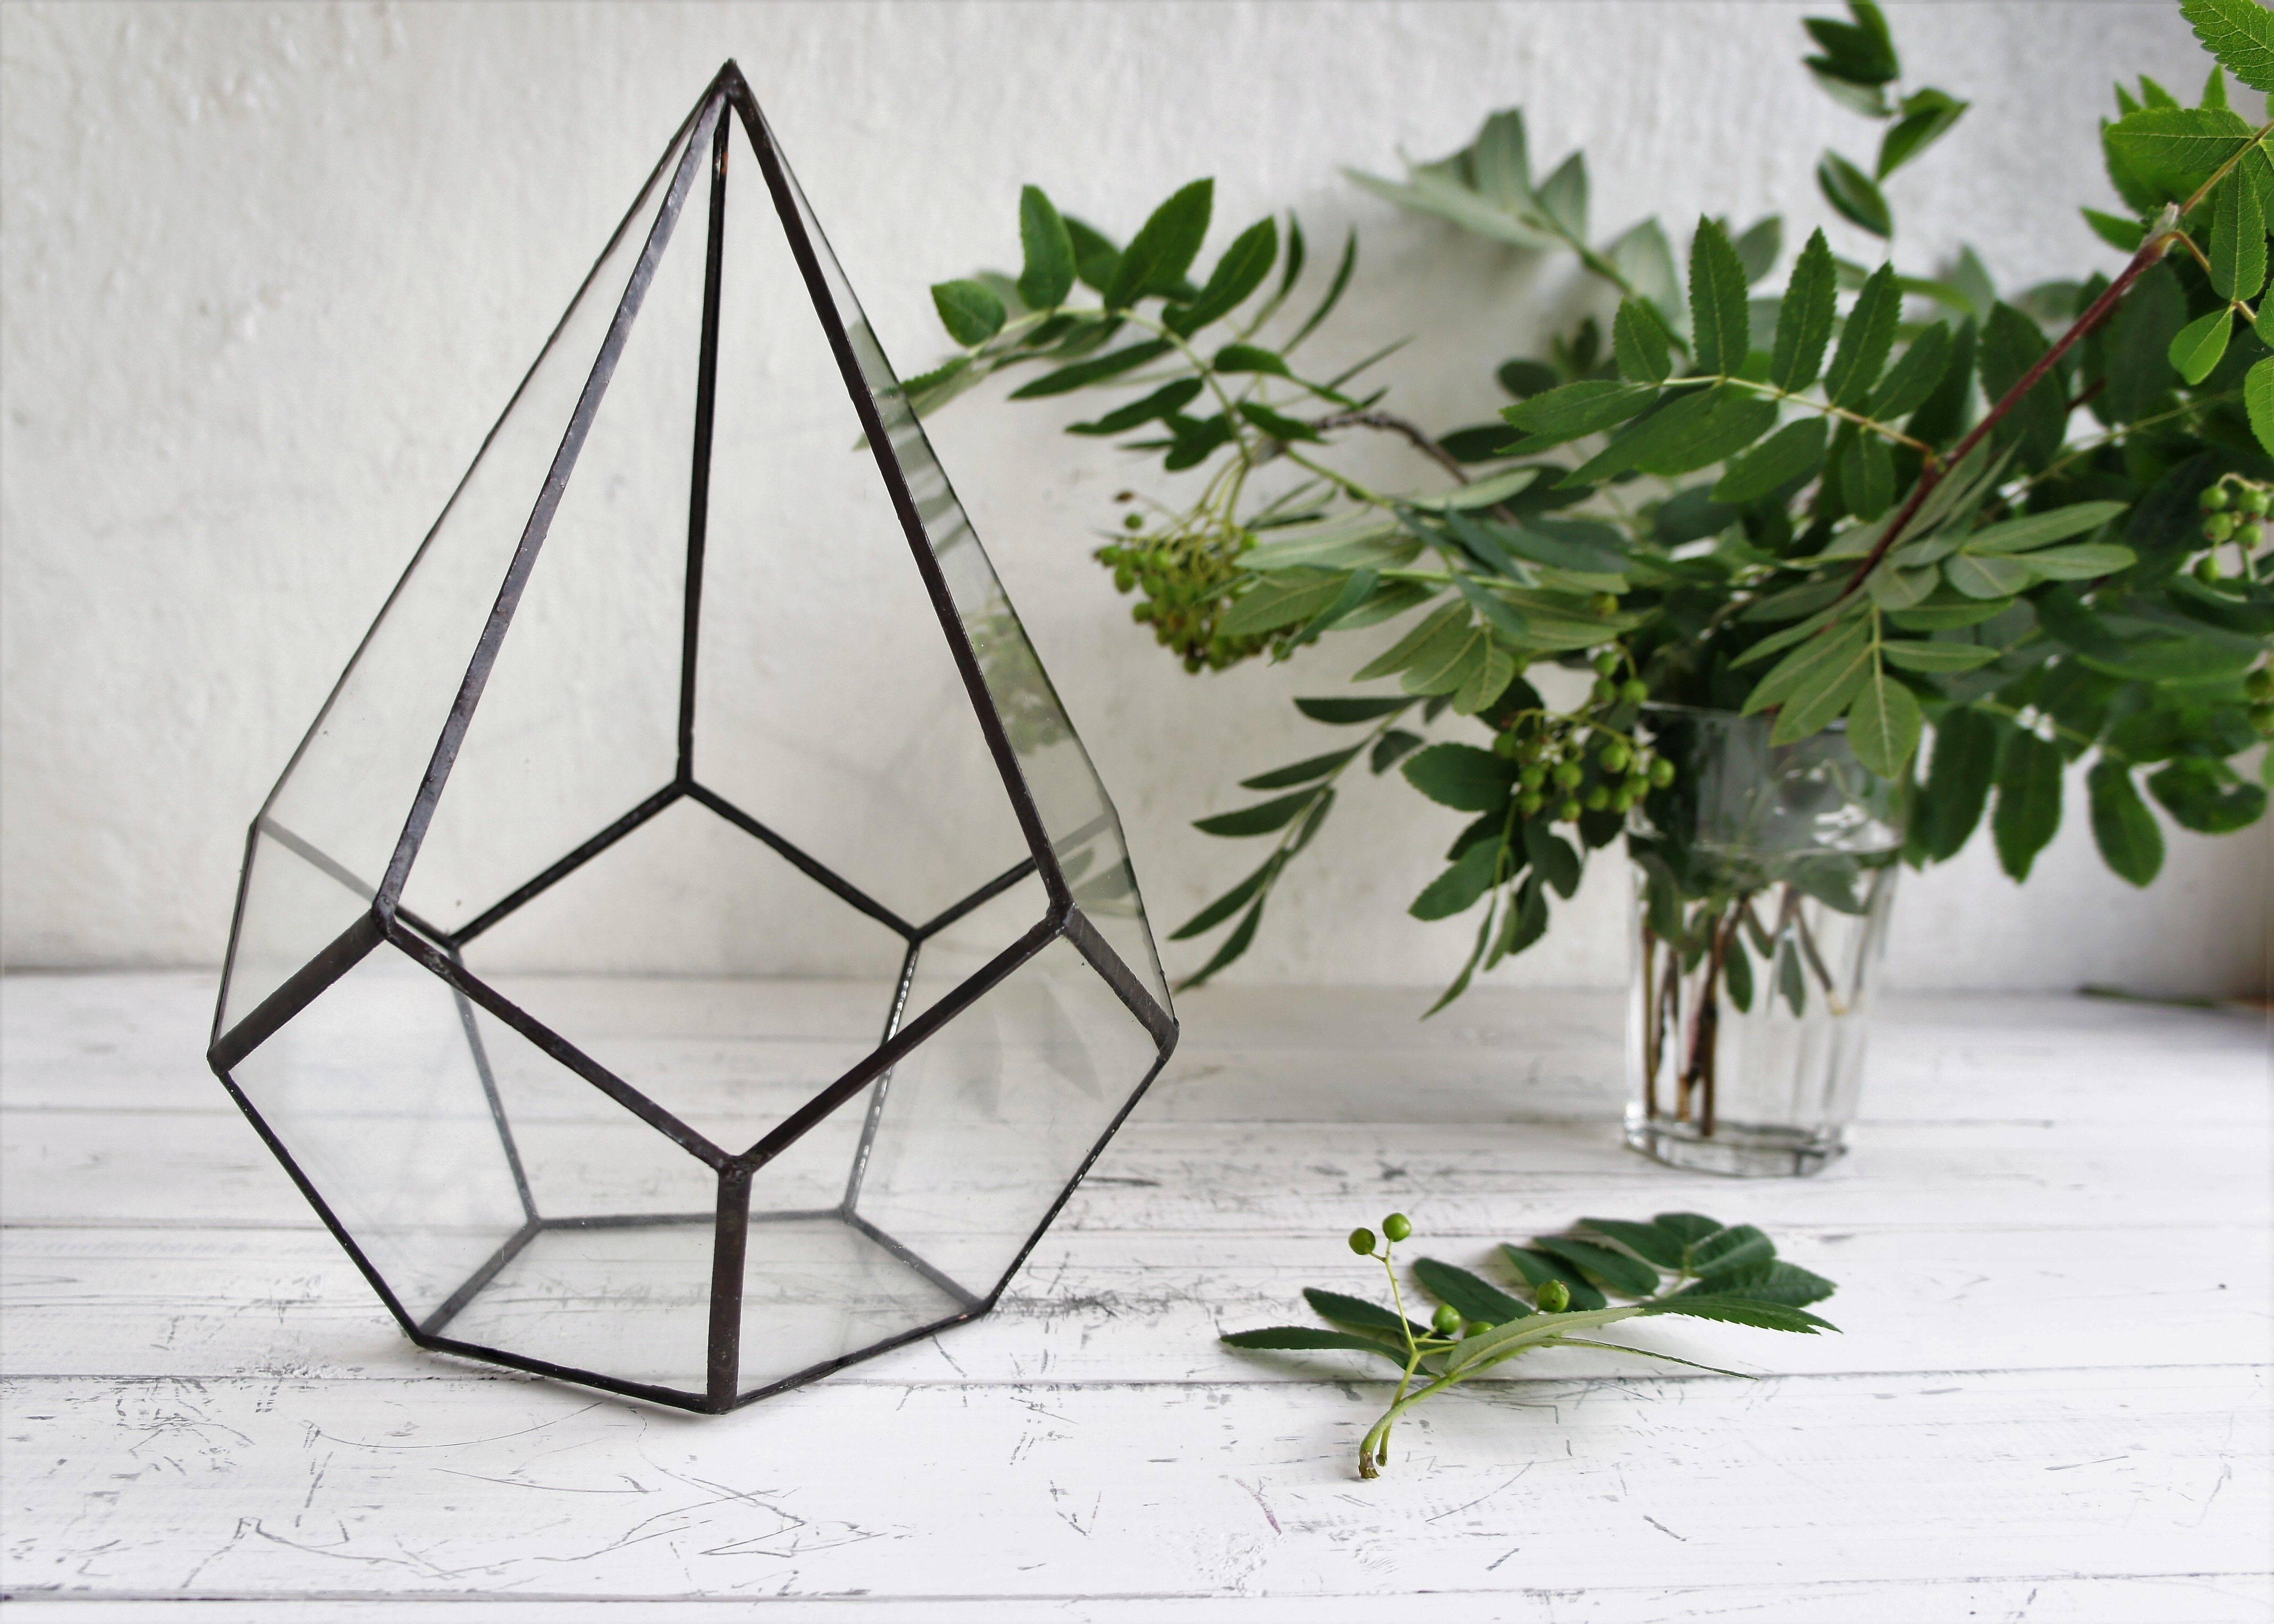 Как сделать флорариум своими руками для начинающих, и что для этого нужно: выбор растений и декоративных камней, оригинальные идеи необычных флорариумов с пошаговой инструкцией